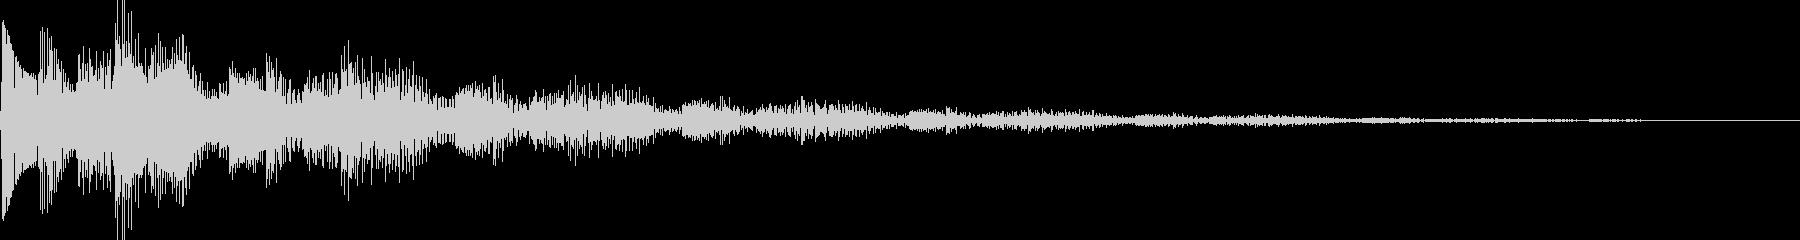 決定音/ボタン/システム/シンプル A5の未再生の波形